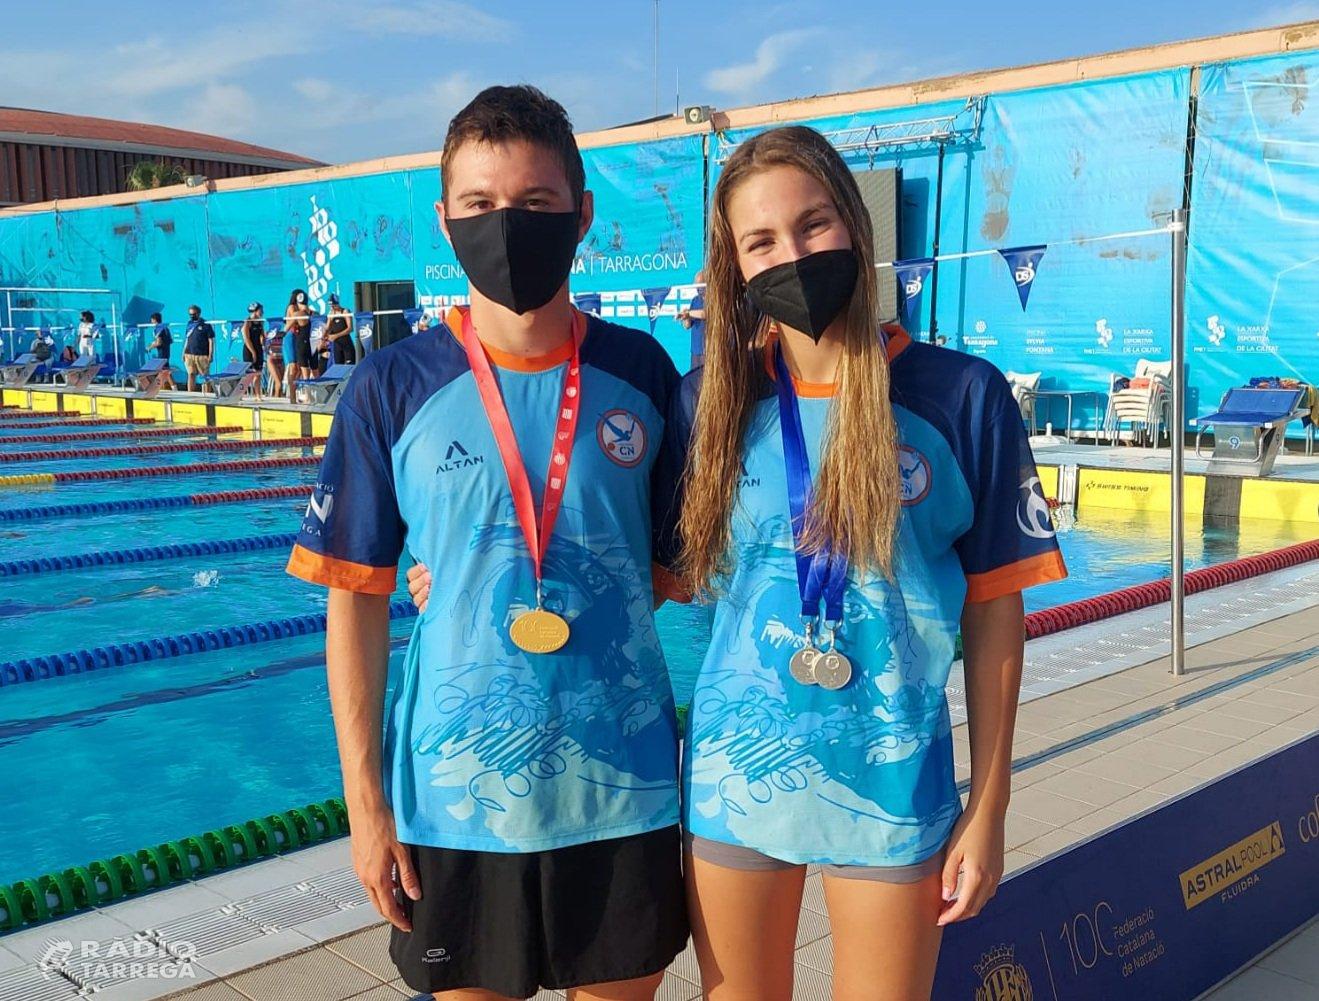 Laia Palomino i Eudalt Tosquella del Club Natació Tàrrega campions de Catalunya en 200 esquena i 200 estils respectivament